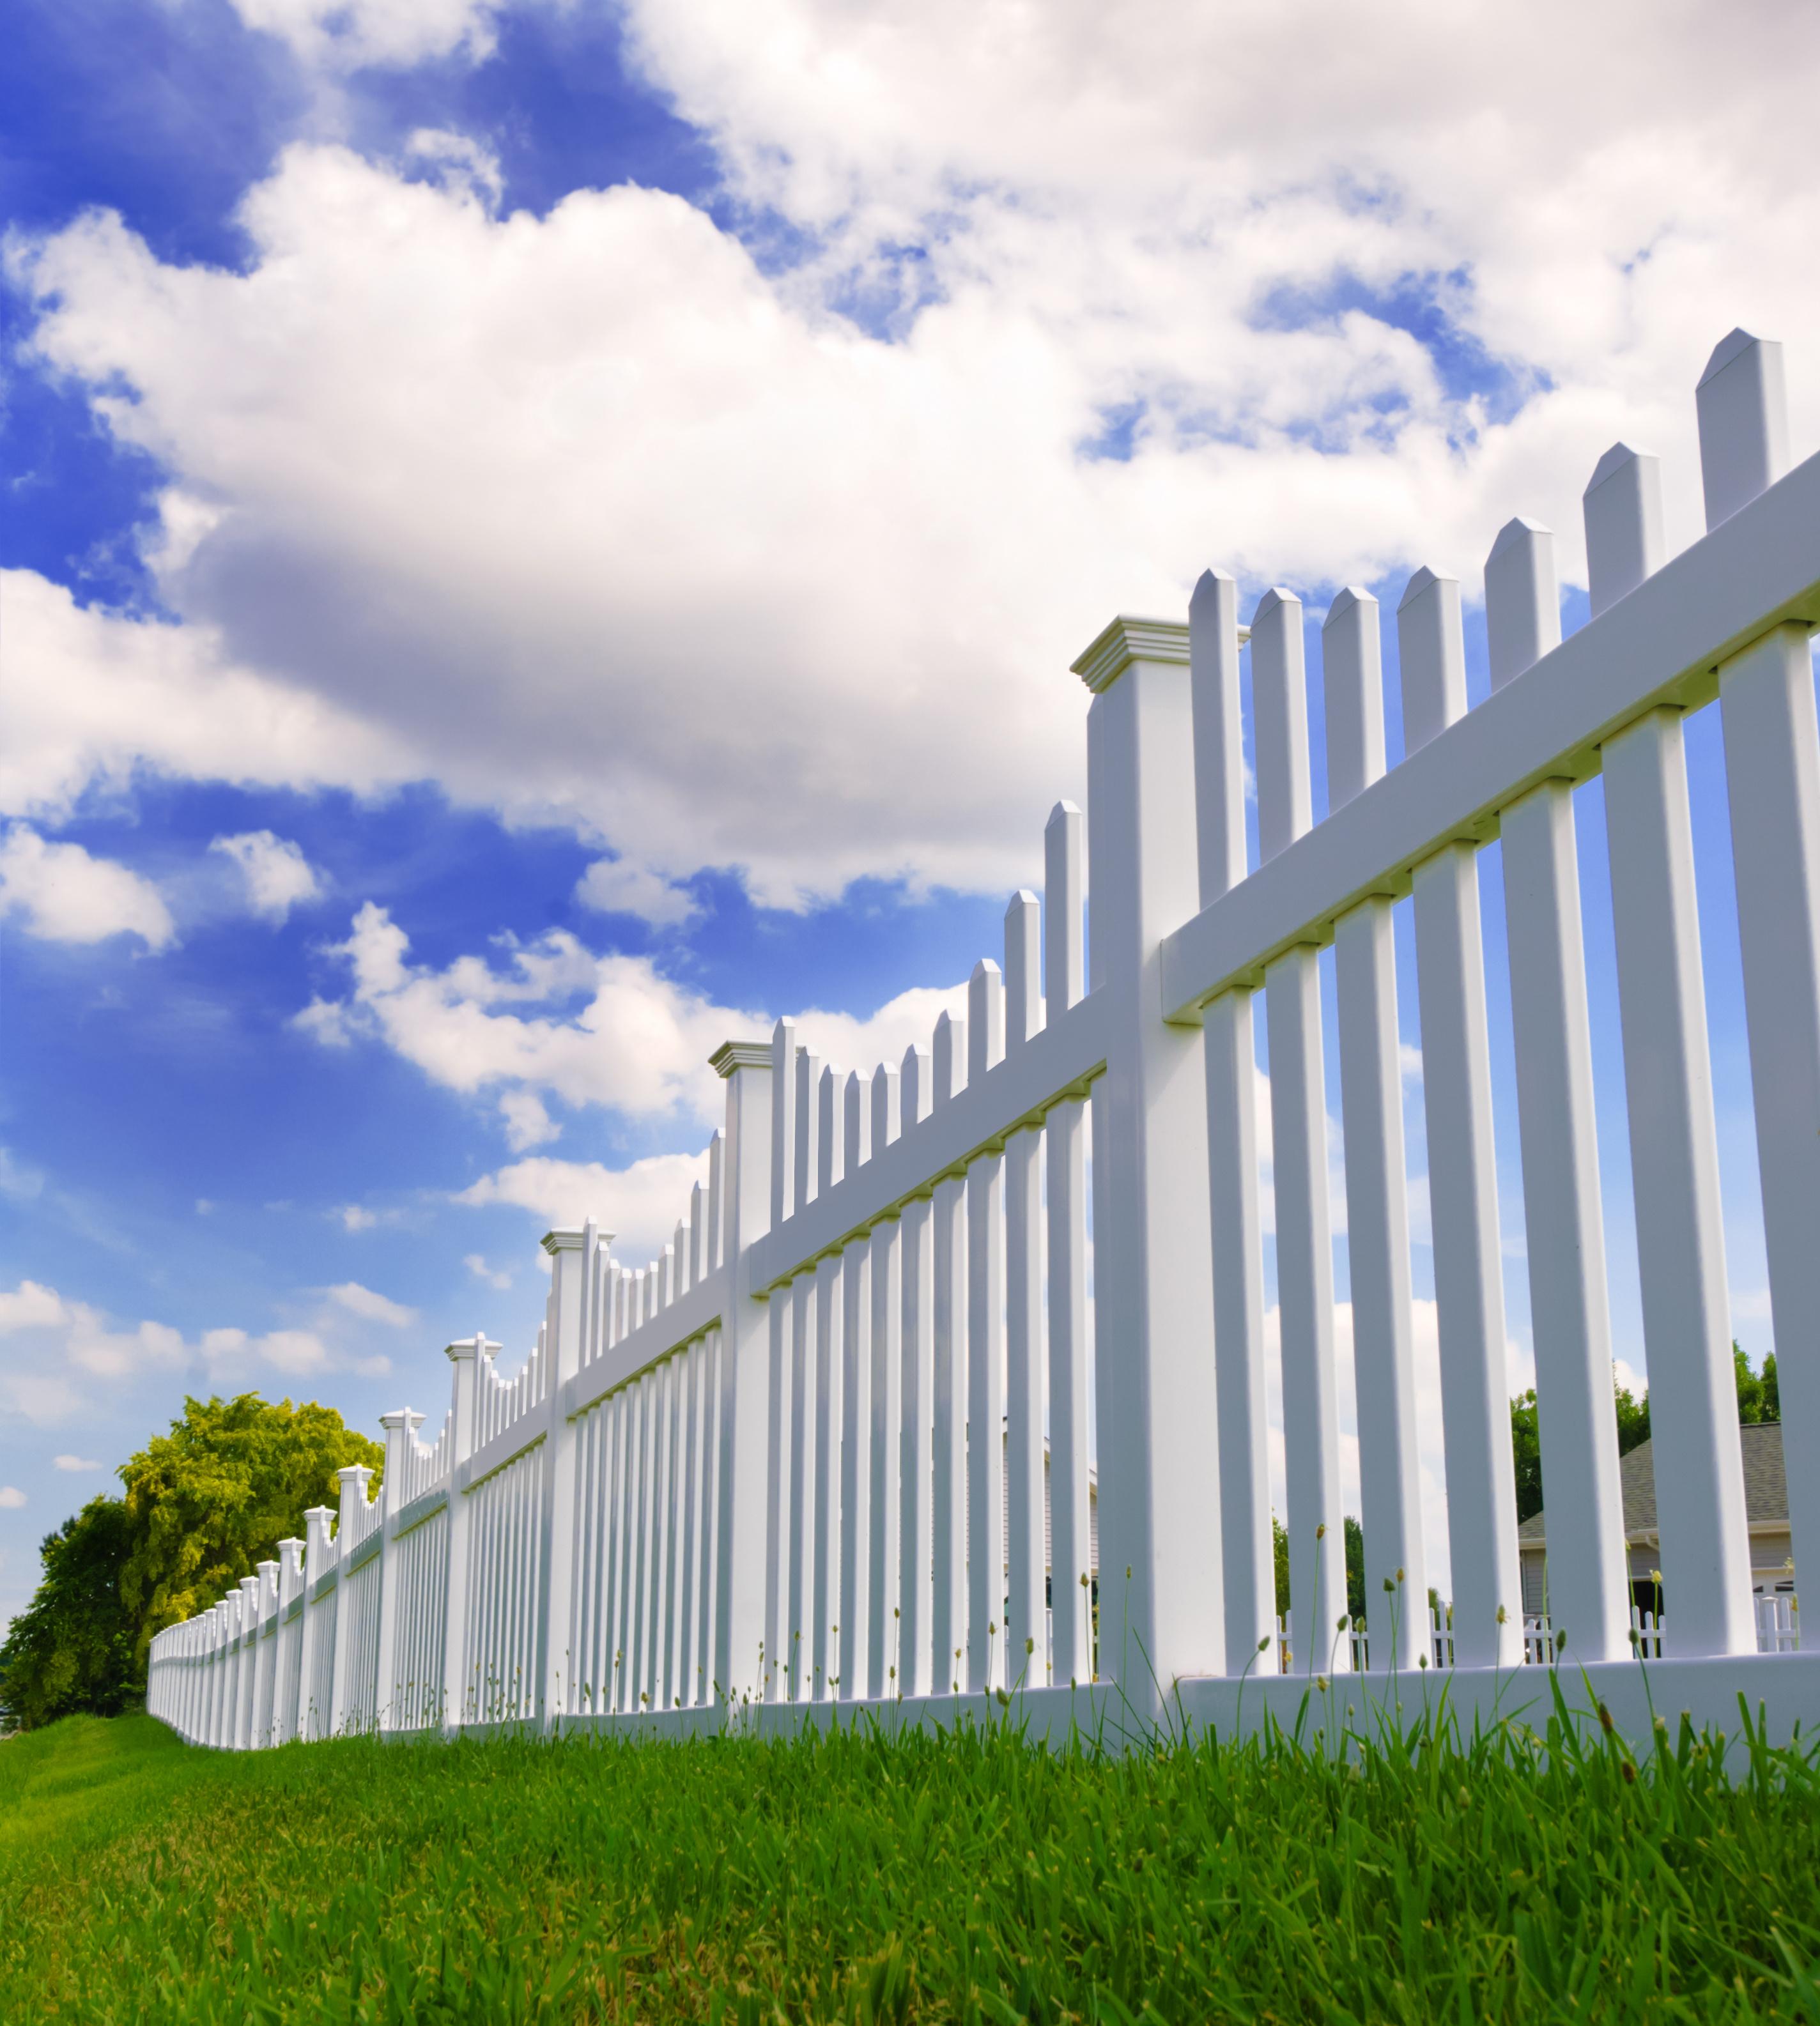 Vinyl Fencing | Hempstead, Medford, Long Island, Suffolk County, Nassau County, NY | Wood Kingdom West